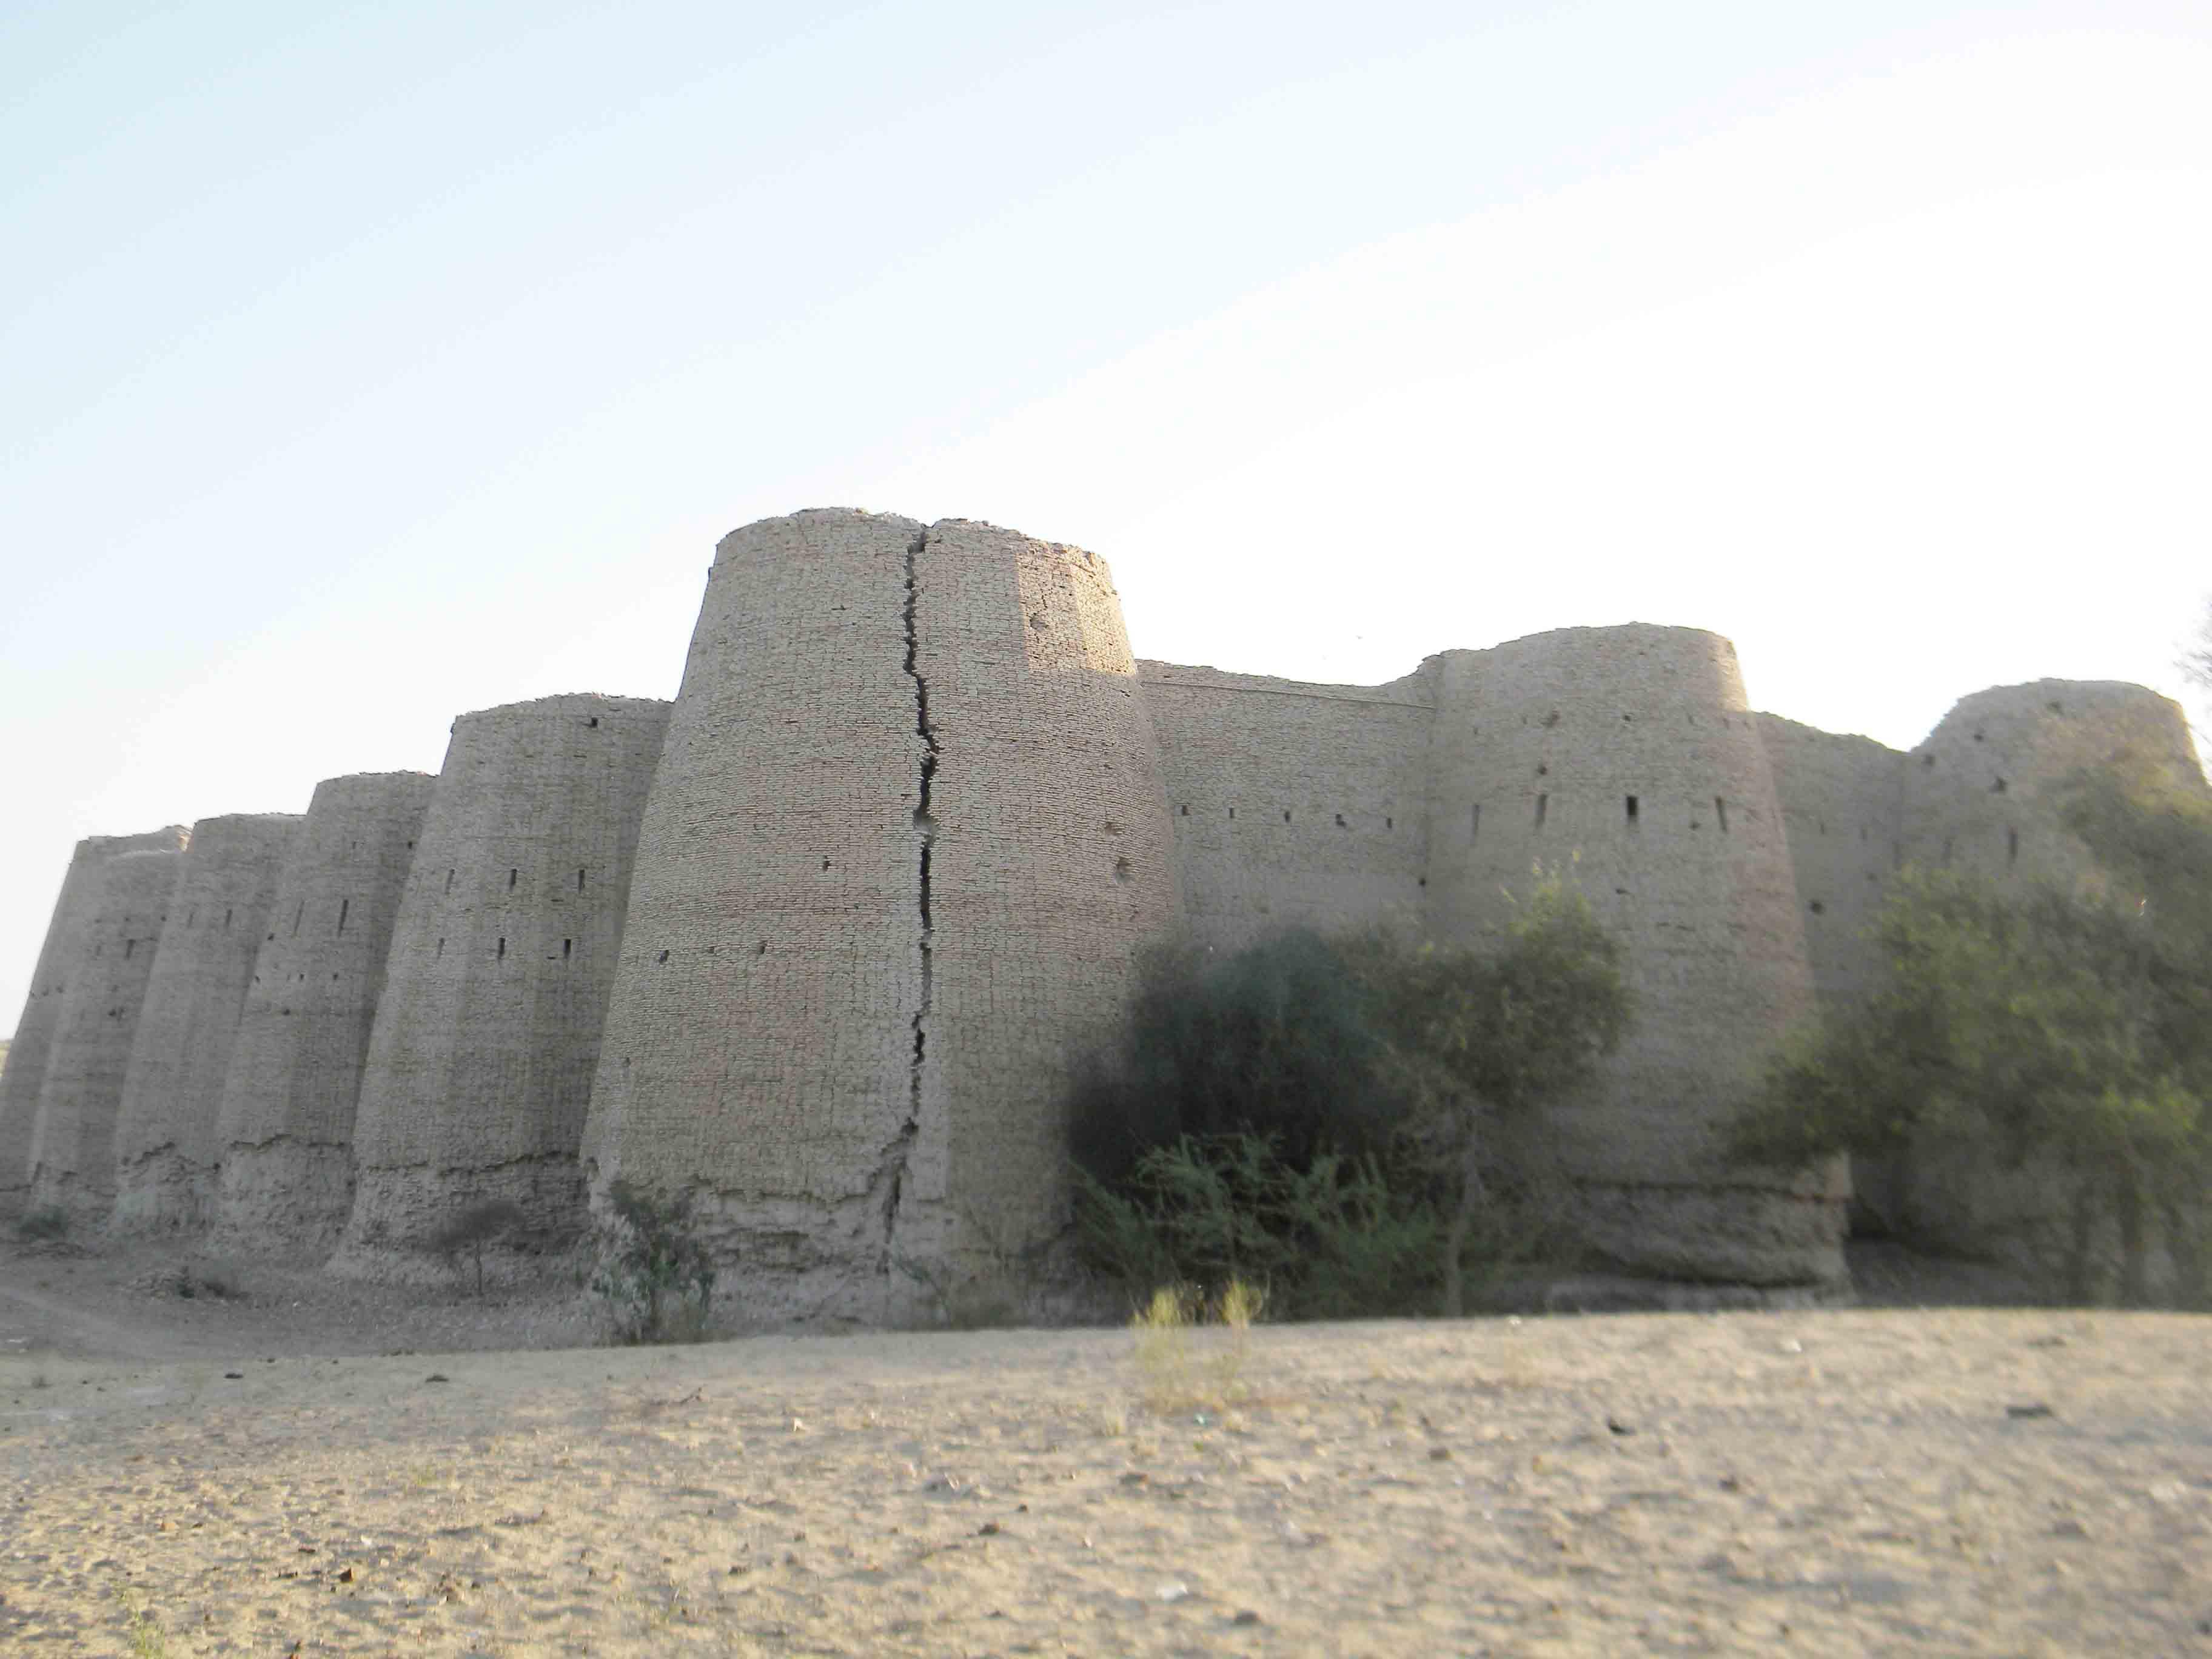 The famous Kishangarh fort near Kota